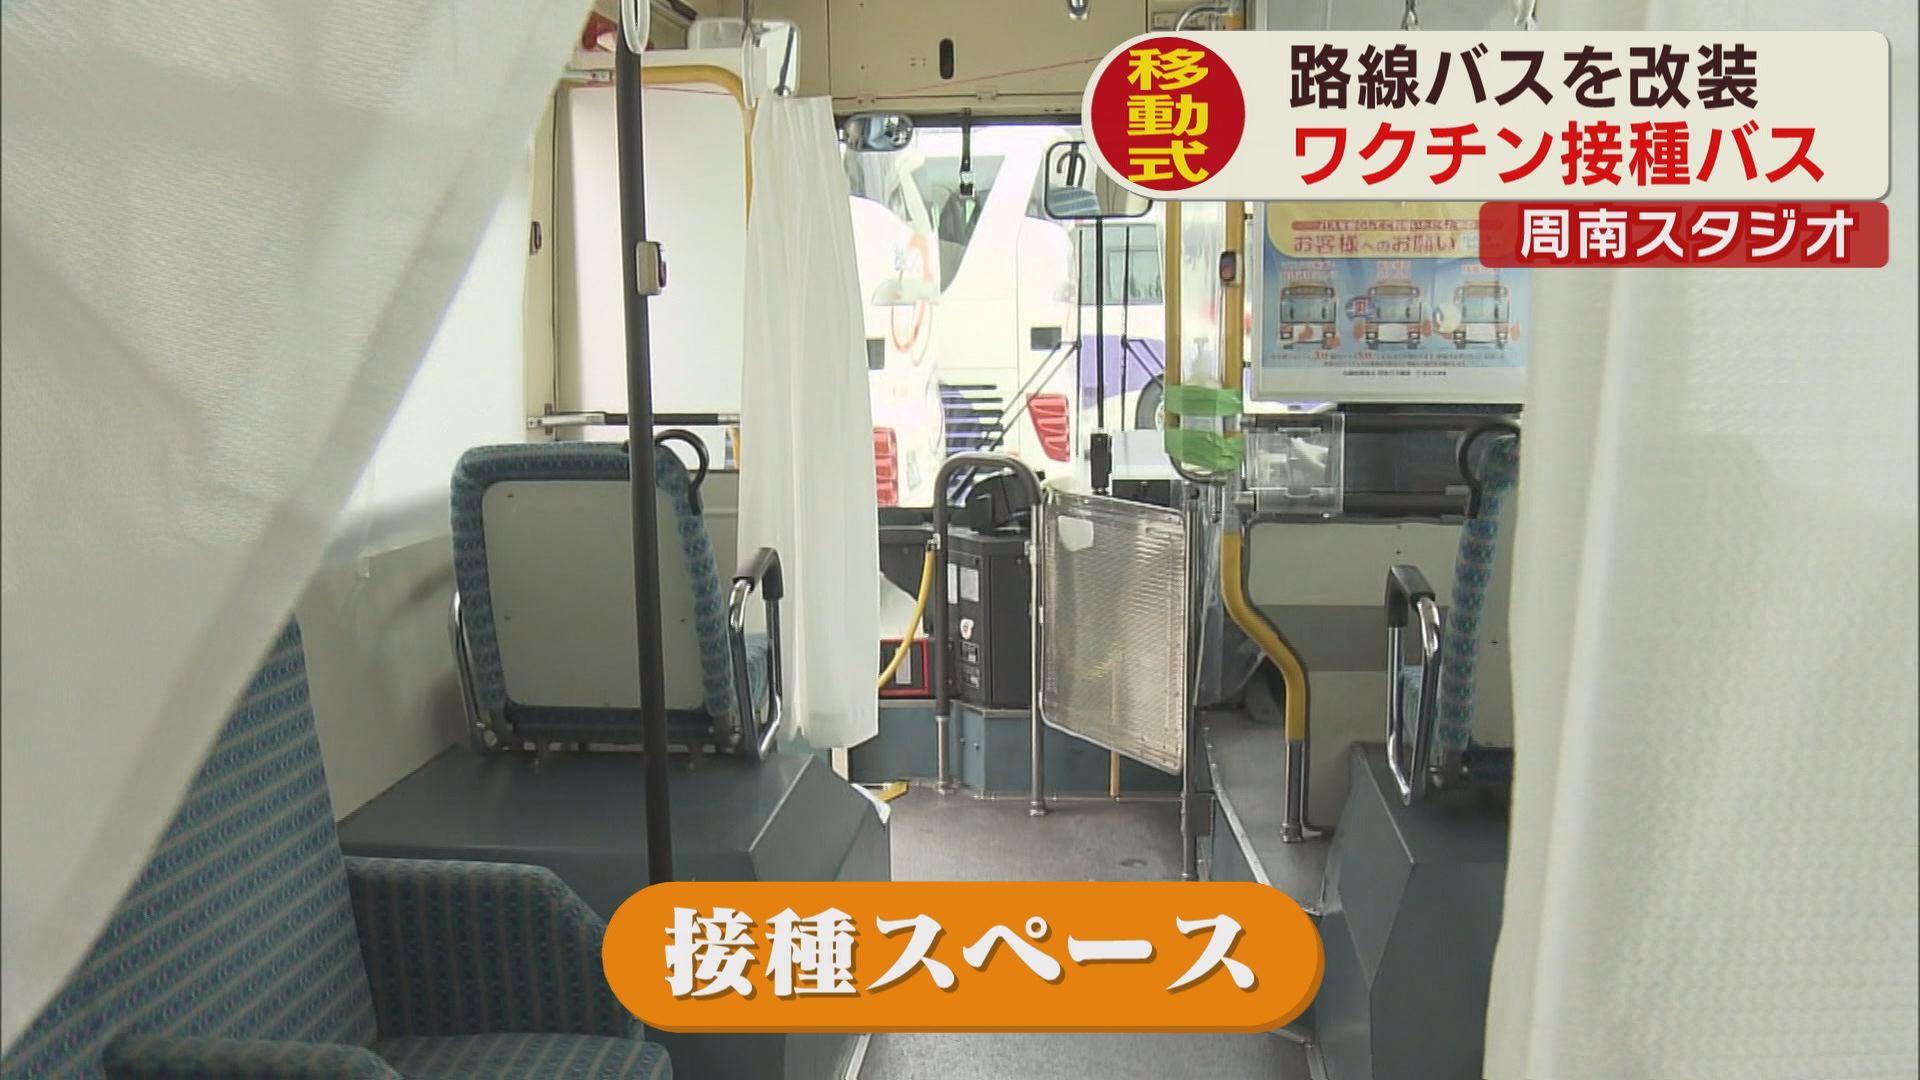 """画像:路線バスを改装した""""ワクチン接種バス""""が登場"""